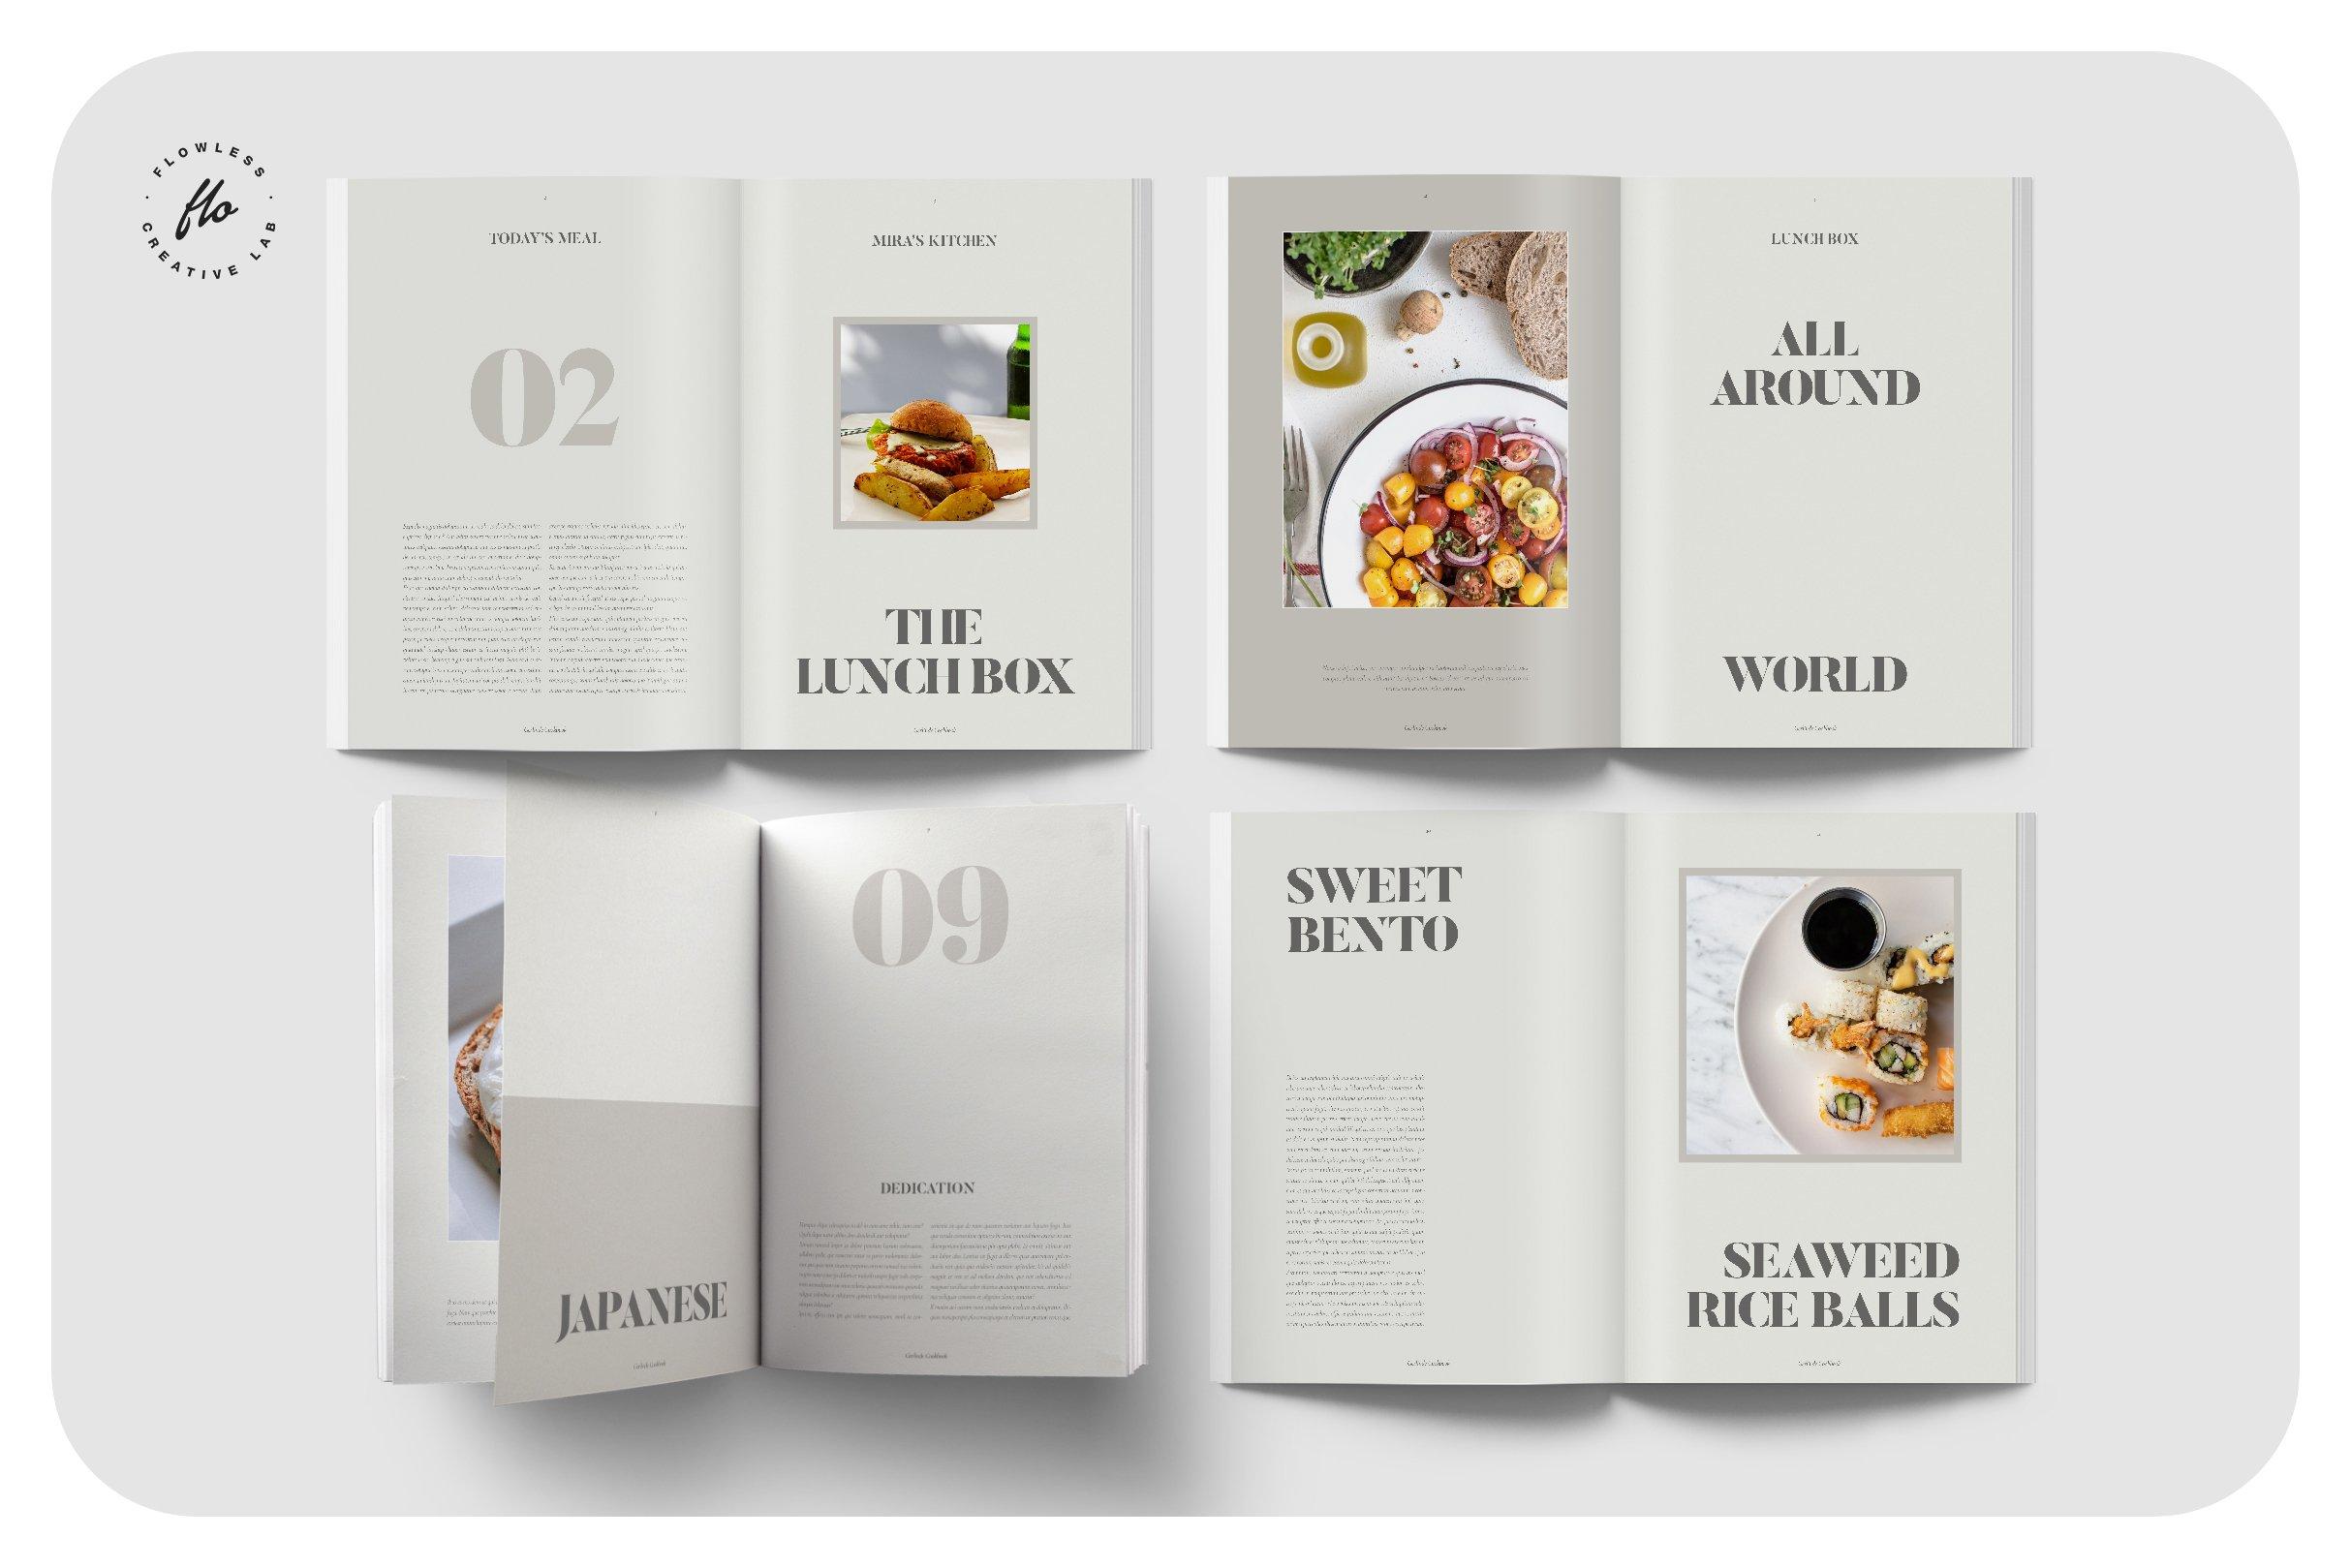 美食食谱菜单设计INDD画册模板 GERLIND Food Recipe Cookbook插图(1)